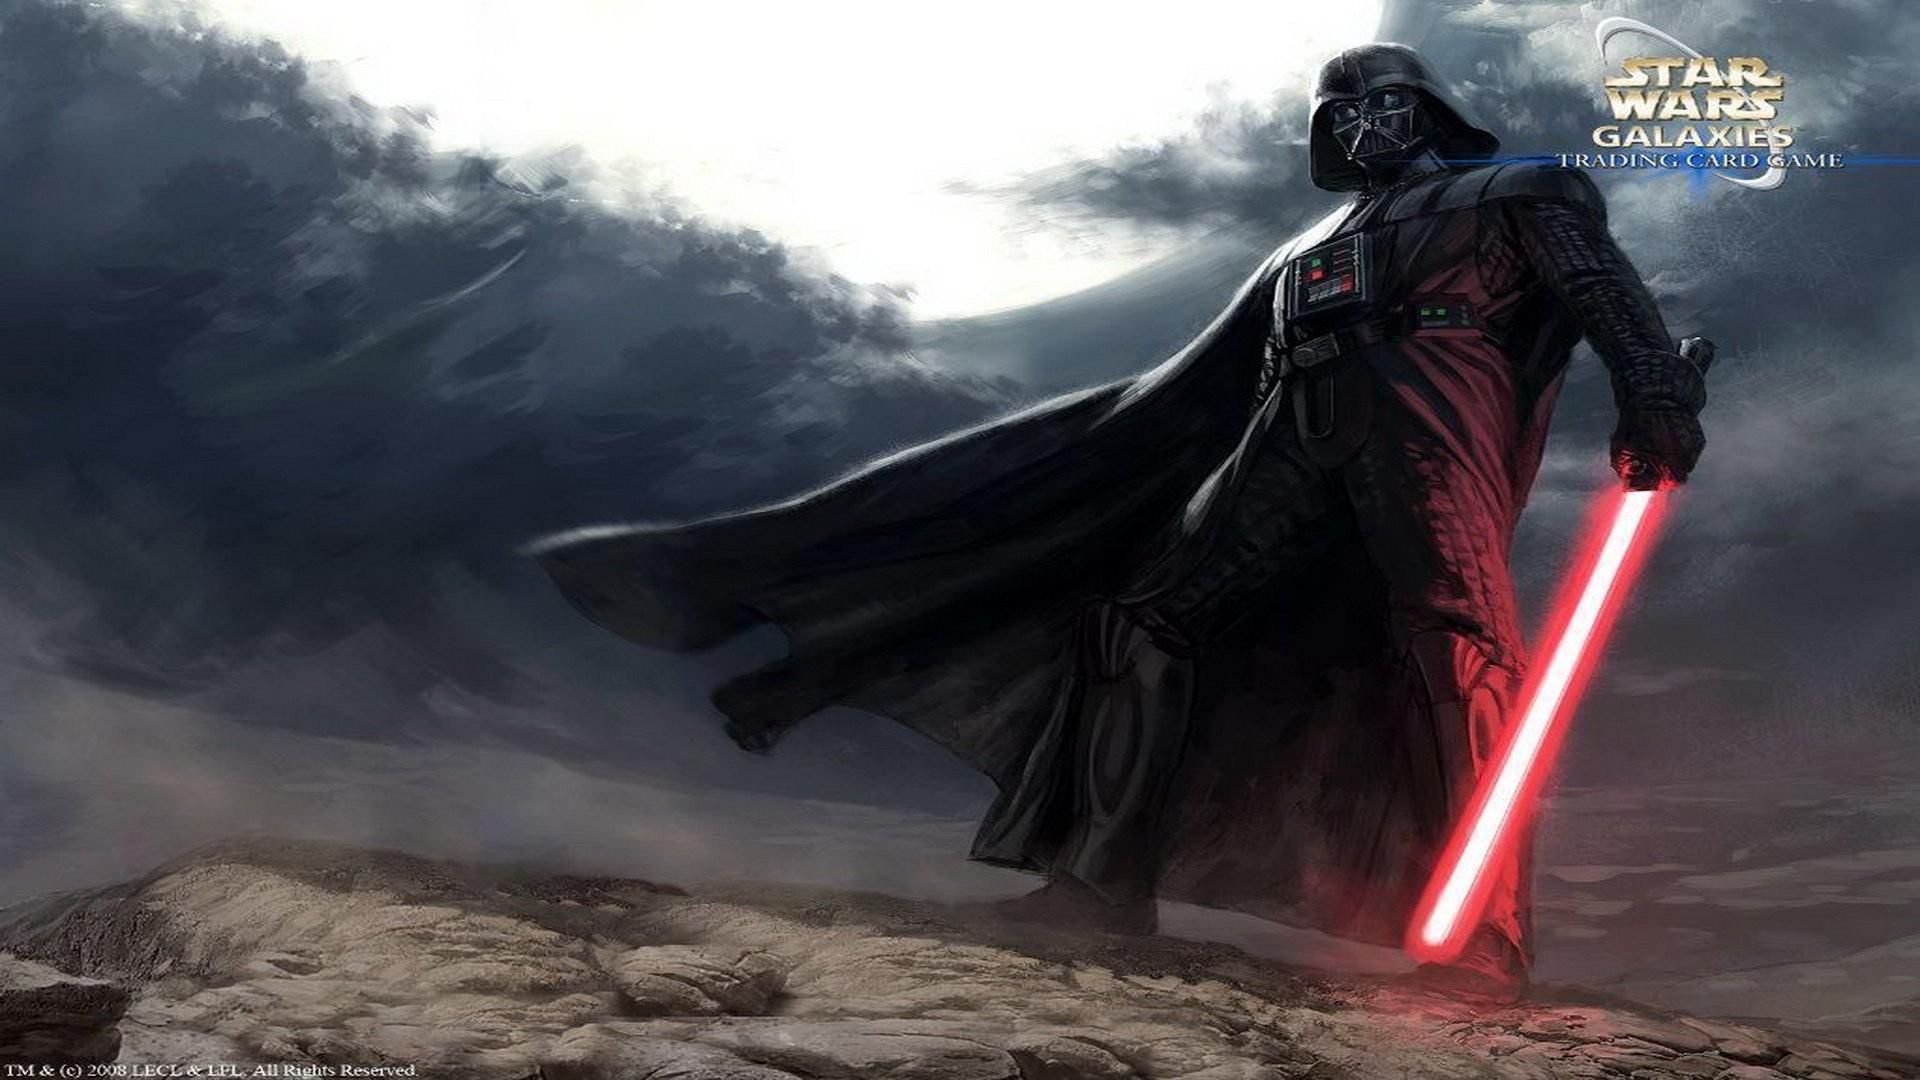 Star Wars Darth Vader Wallpaper A Walldevil Darth Vader Wallpaper 4k 1920x1080 Wallpaper Teahub Io